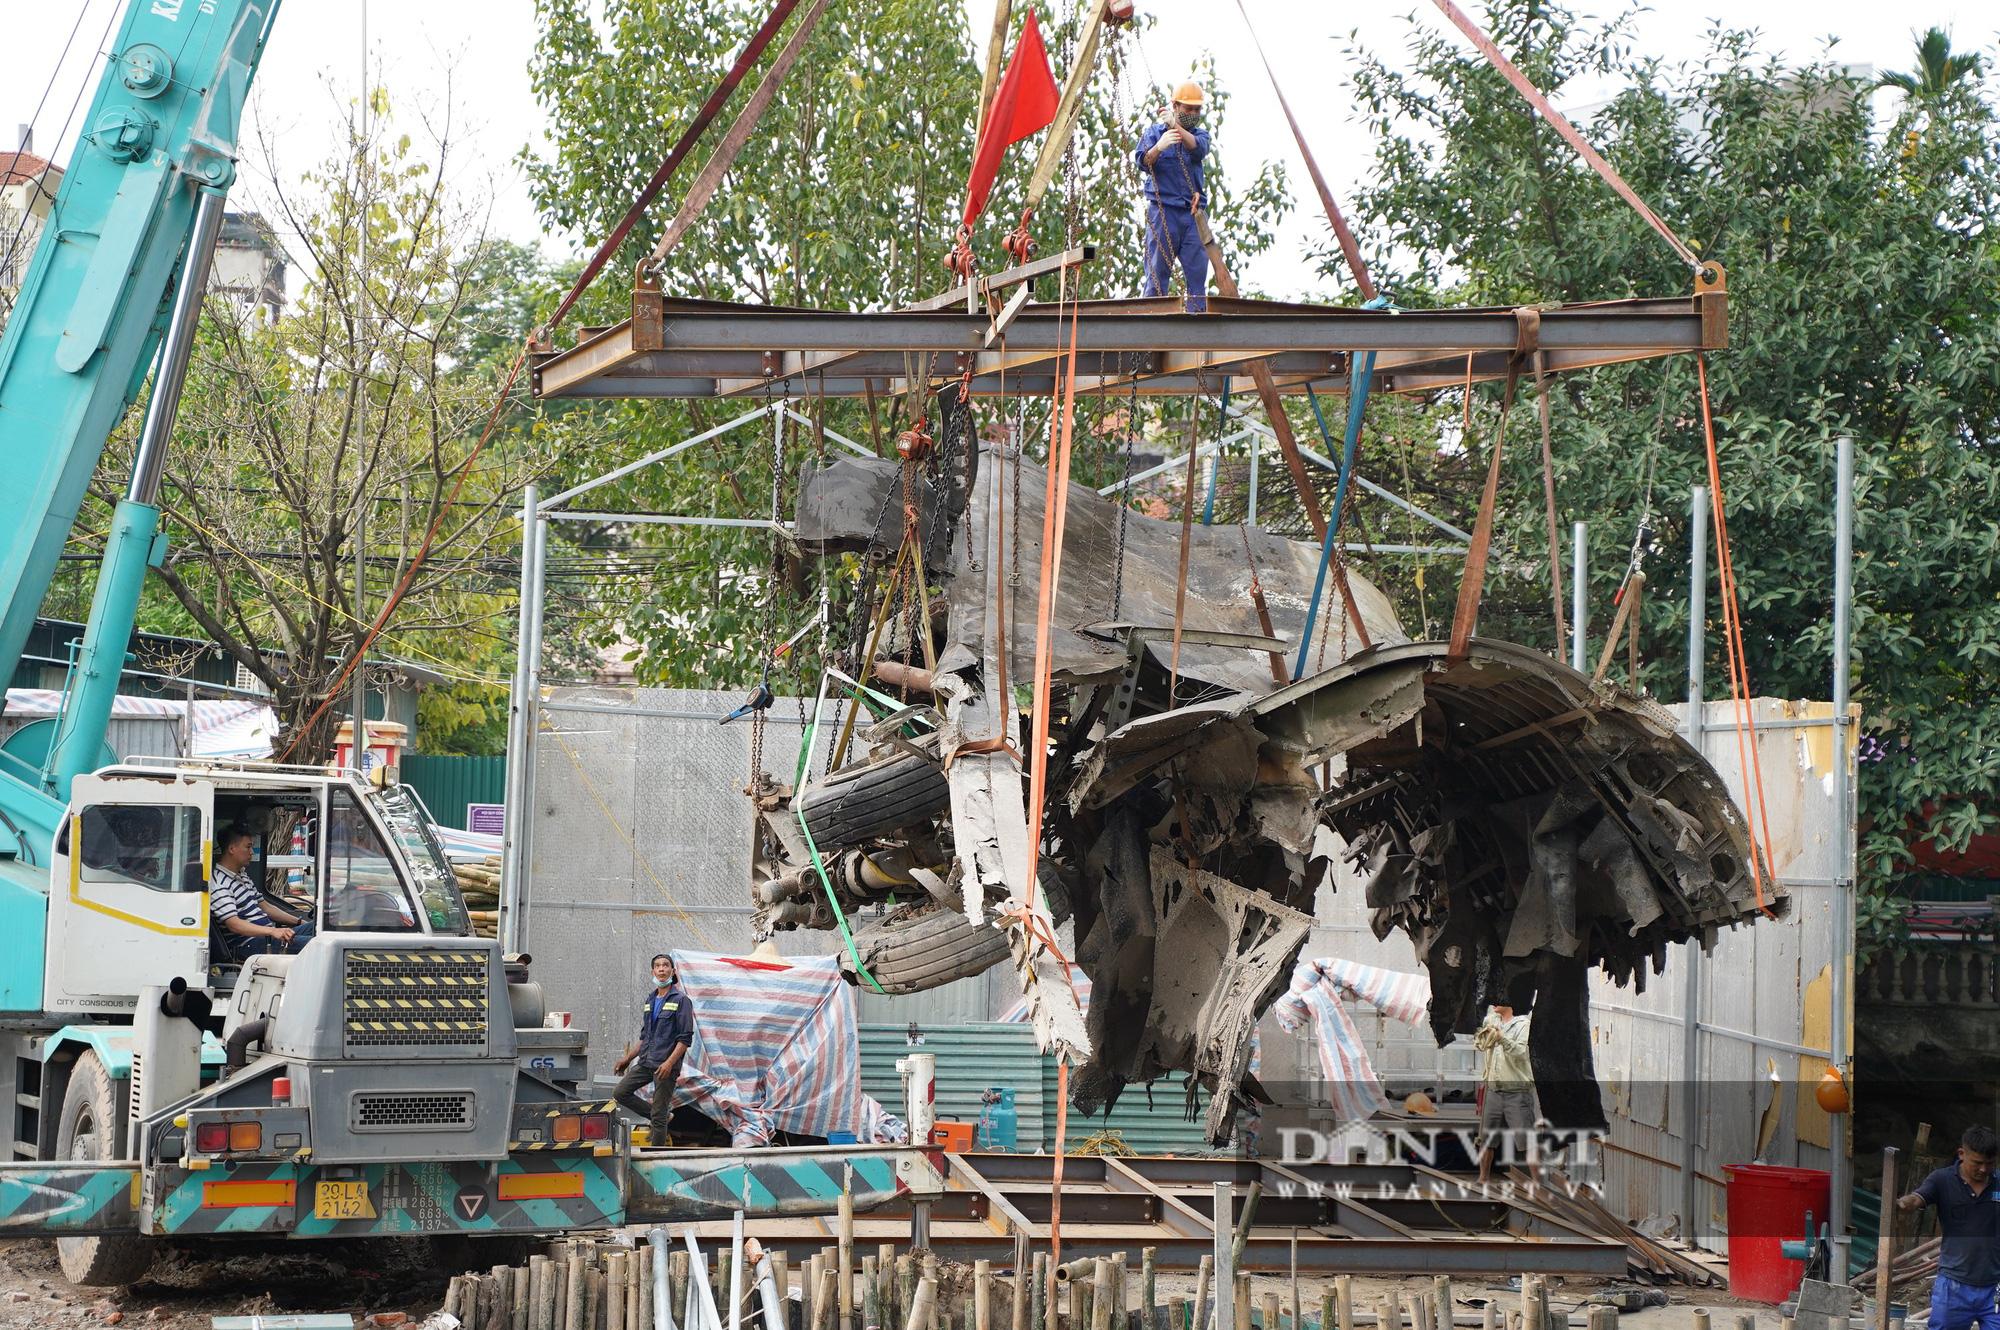 Pháo đài B52 dưới lòng hồ Hà Nội được nhấc bổng lên bờ để tu sửa - Ảnh 11.